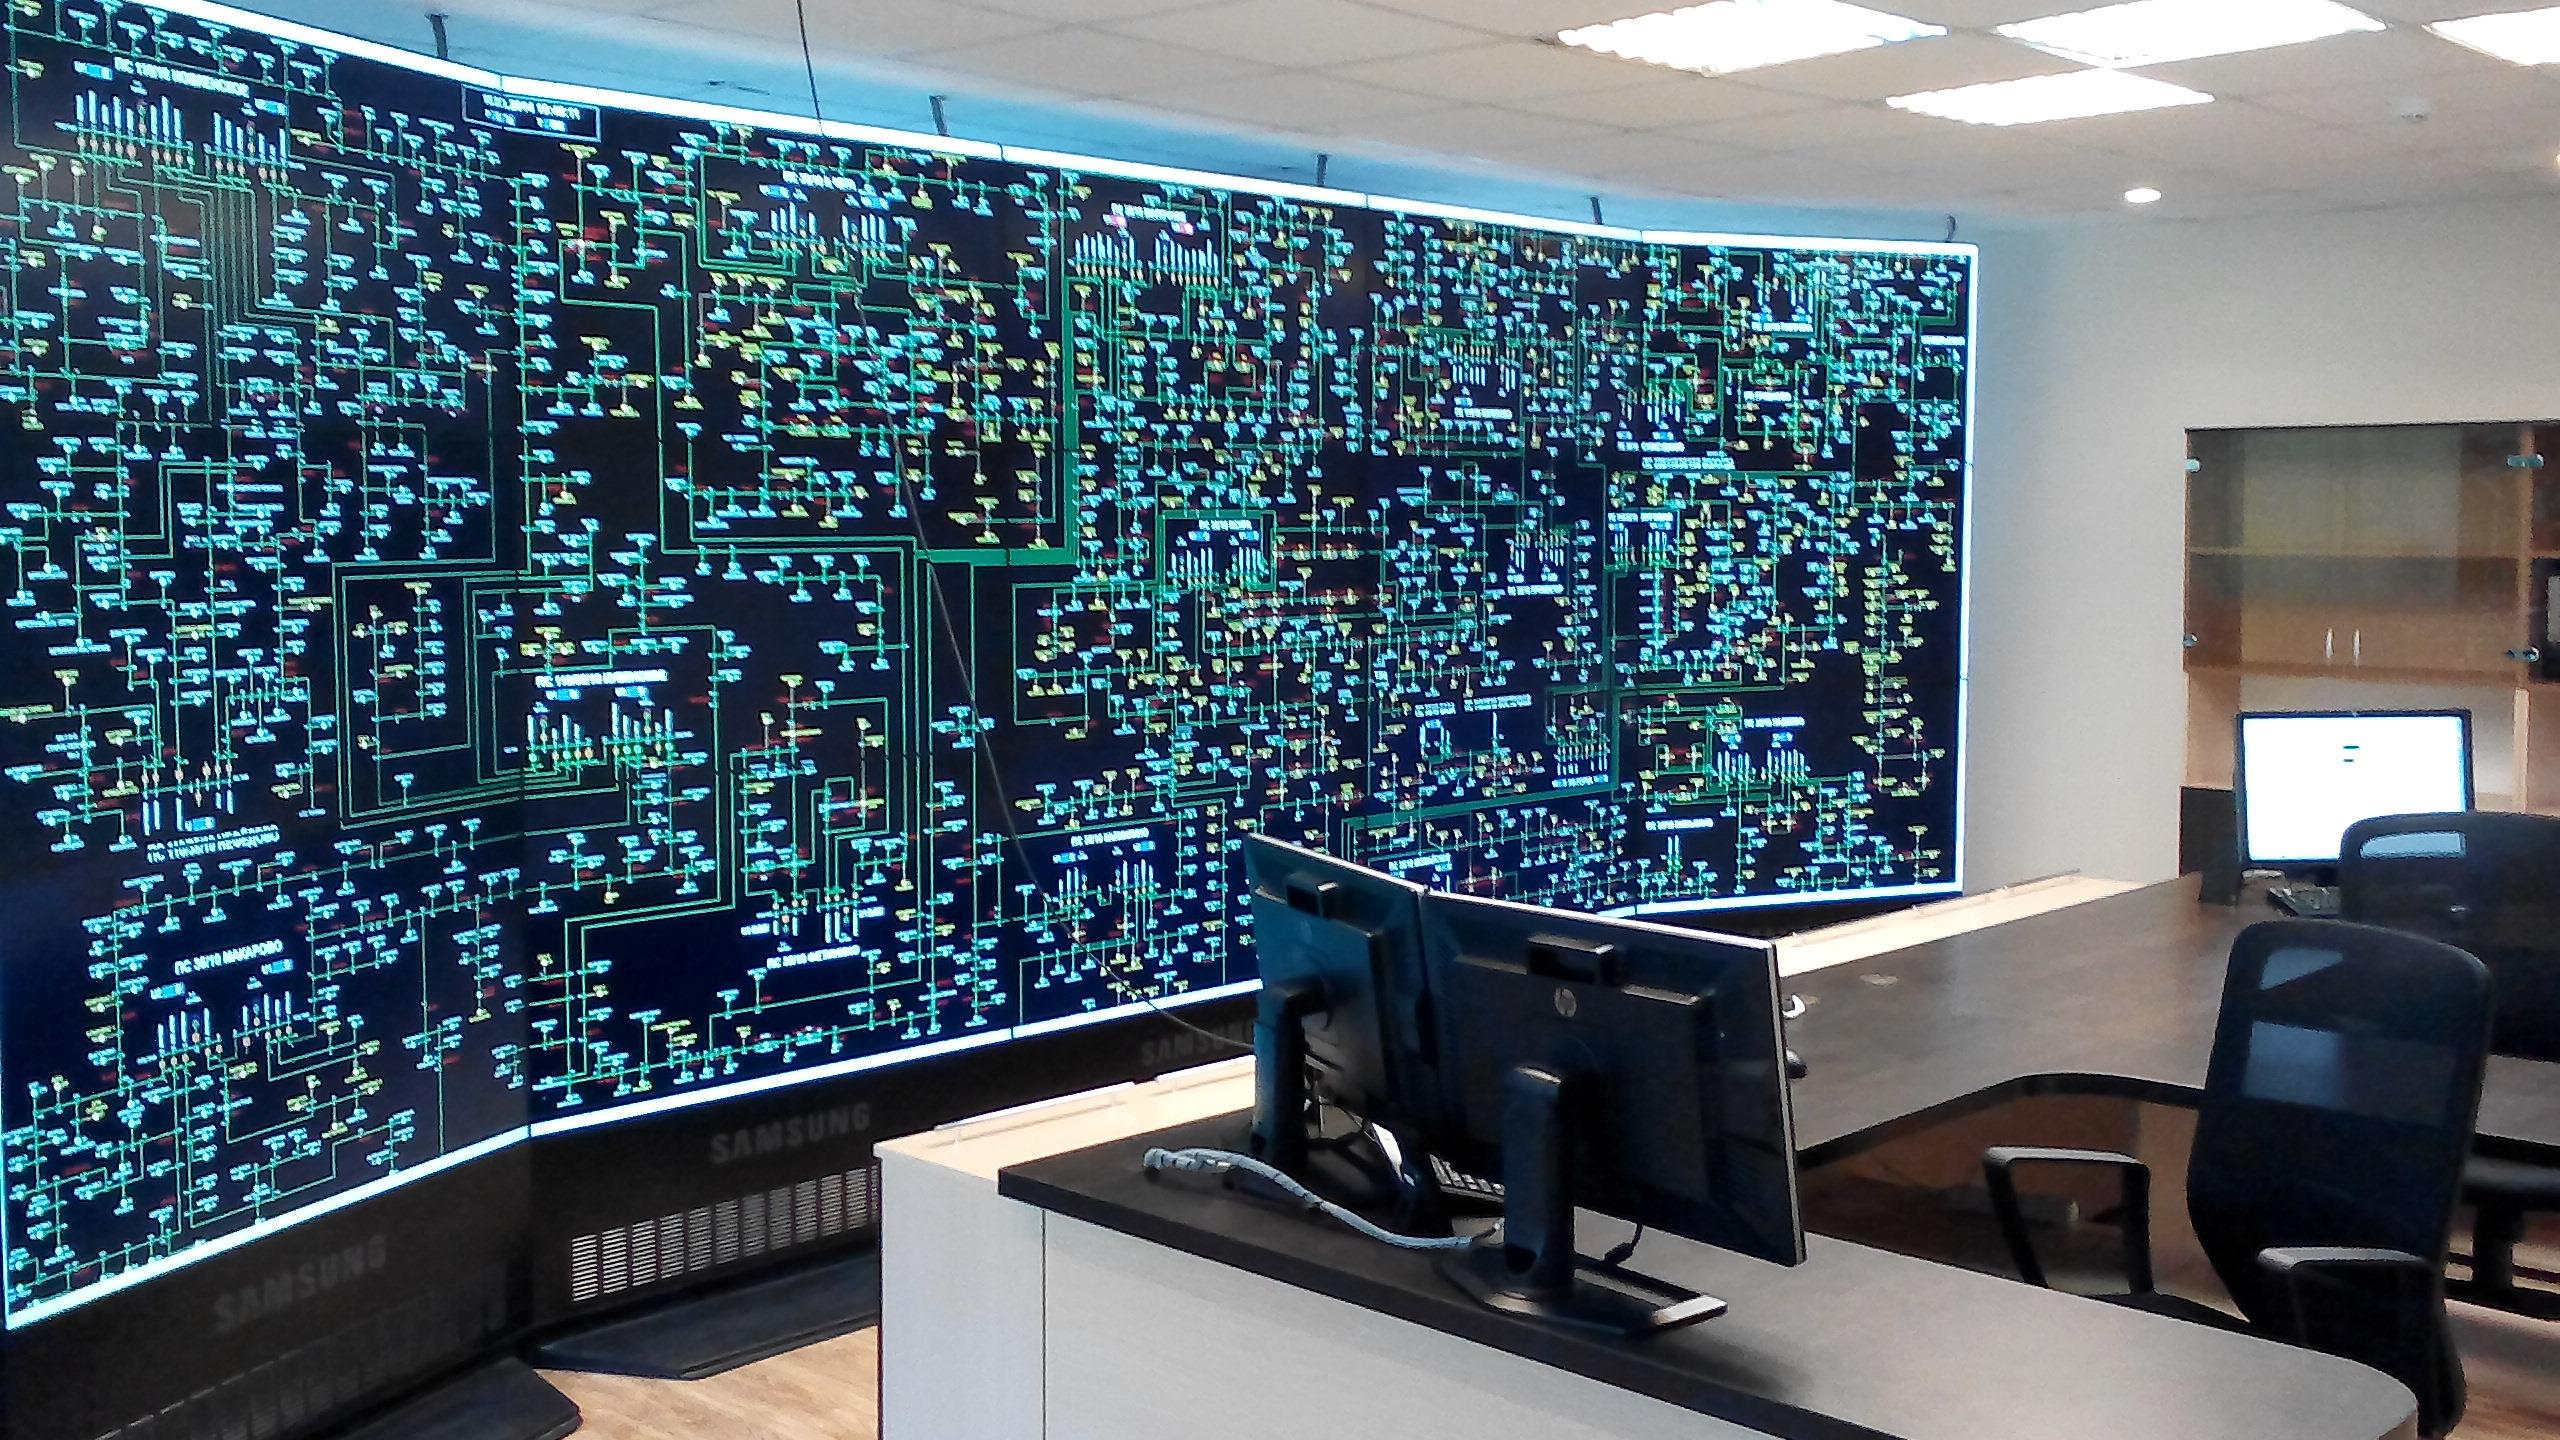 Филиал  «Вологдаэнерго» установил на диспетчерском щите Вологодского РЭС современную видеостену